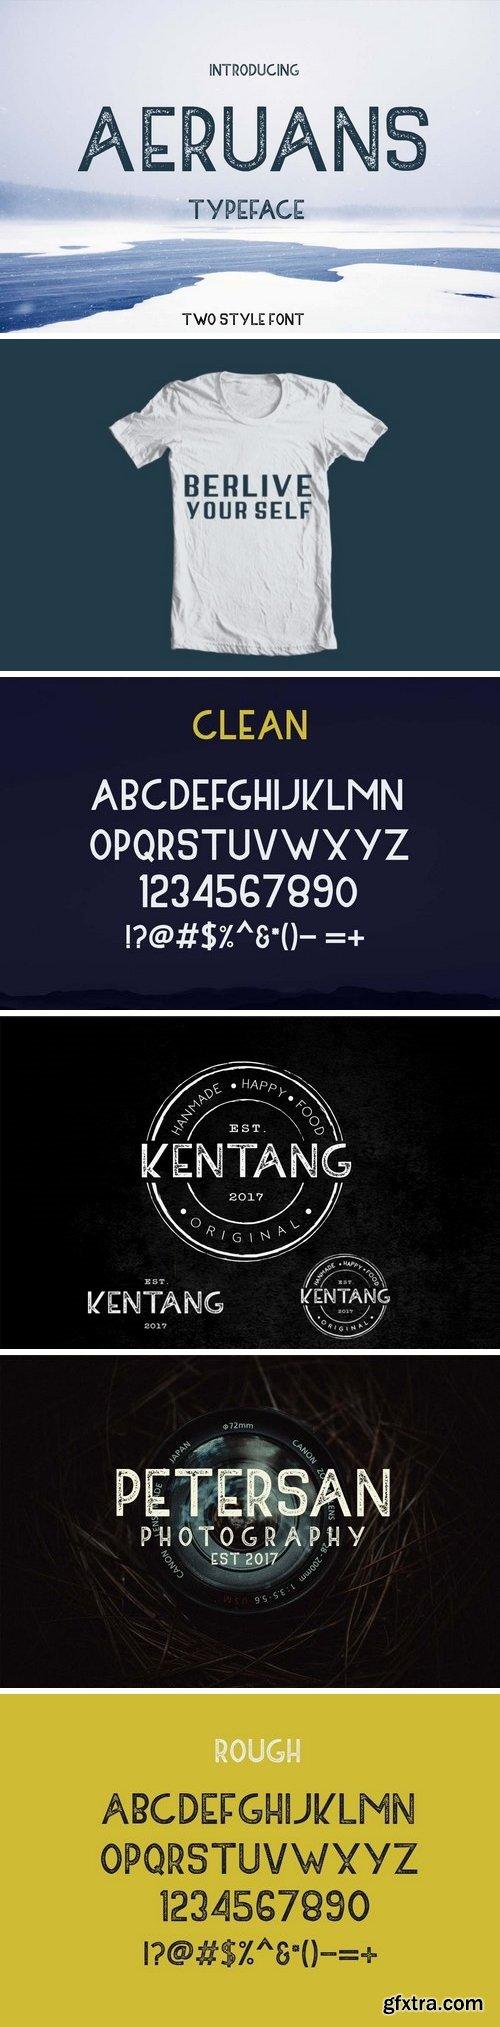 Fontbundles - AERUANS TYPEFACE 34117